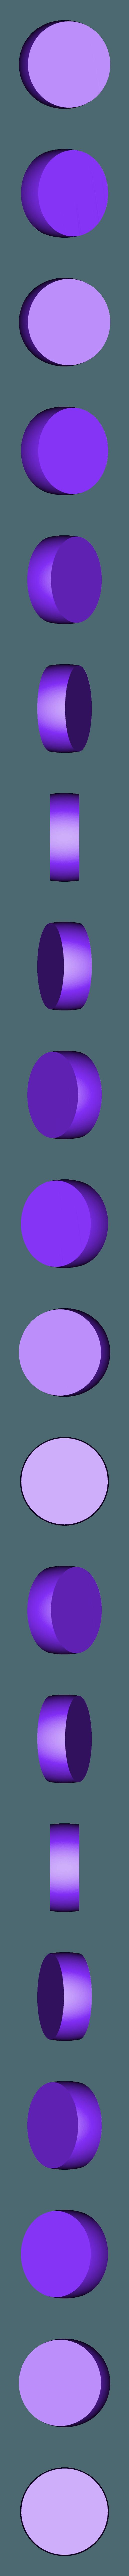 bench_cookie.stl Télécharger fichier STL gratuit biscuit de table • Design pour impression 3D, Punisher_4u